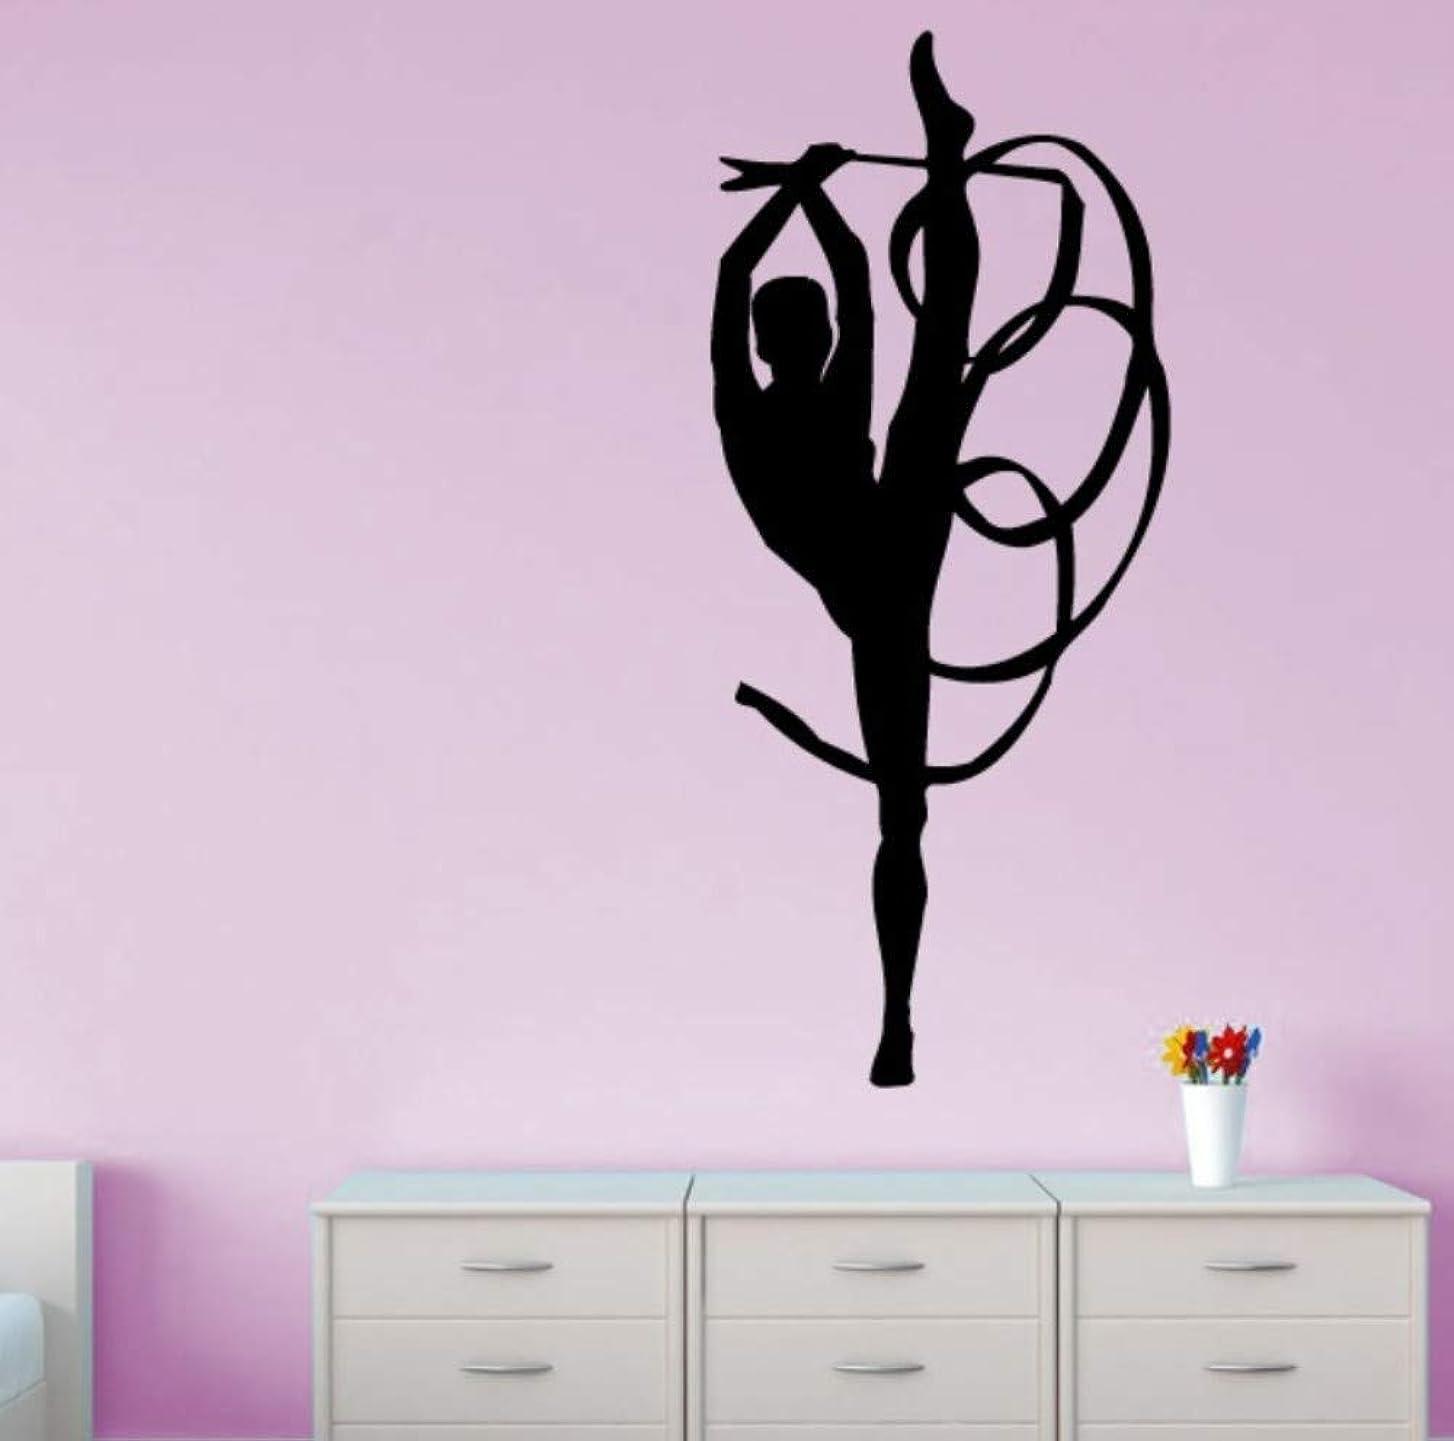 チャンバー数拮抗Ansyny 42 * 97センチ新体操ウォールステッカービニールデカールアートスポーツ壁紙取り外し可能な家の装飾プレーヤー壁画